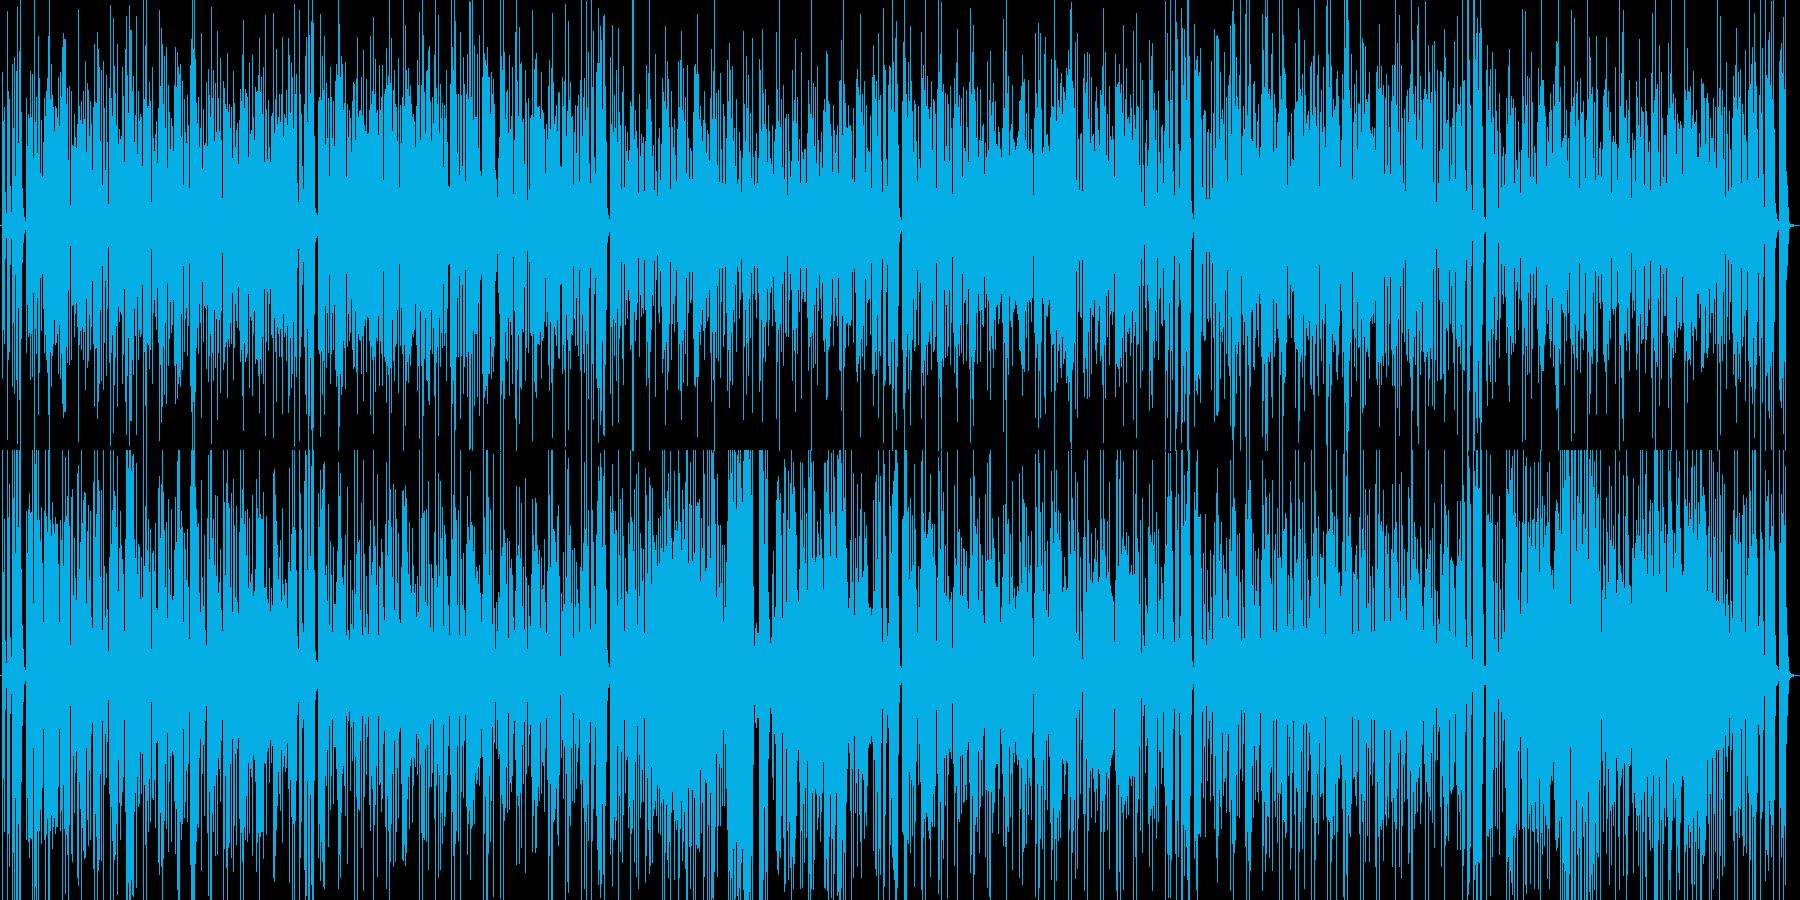 ラテンパーカッション炸裂!打楽器バトルの再生済みの波形